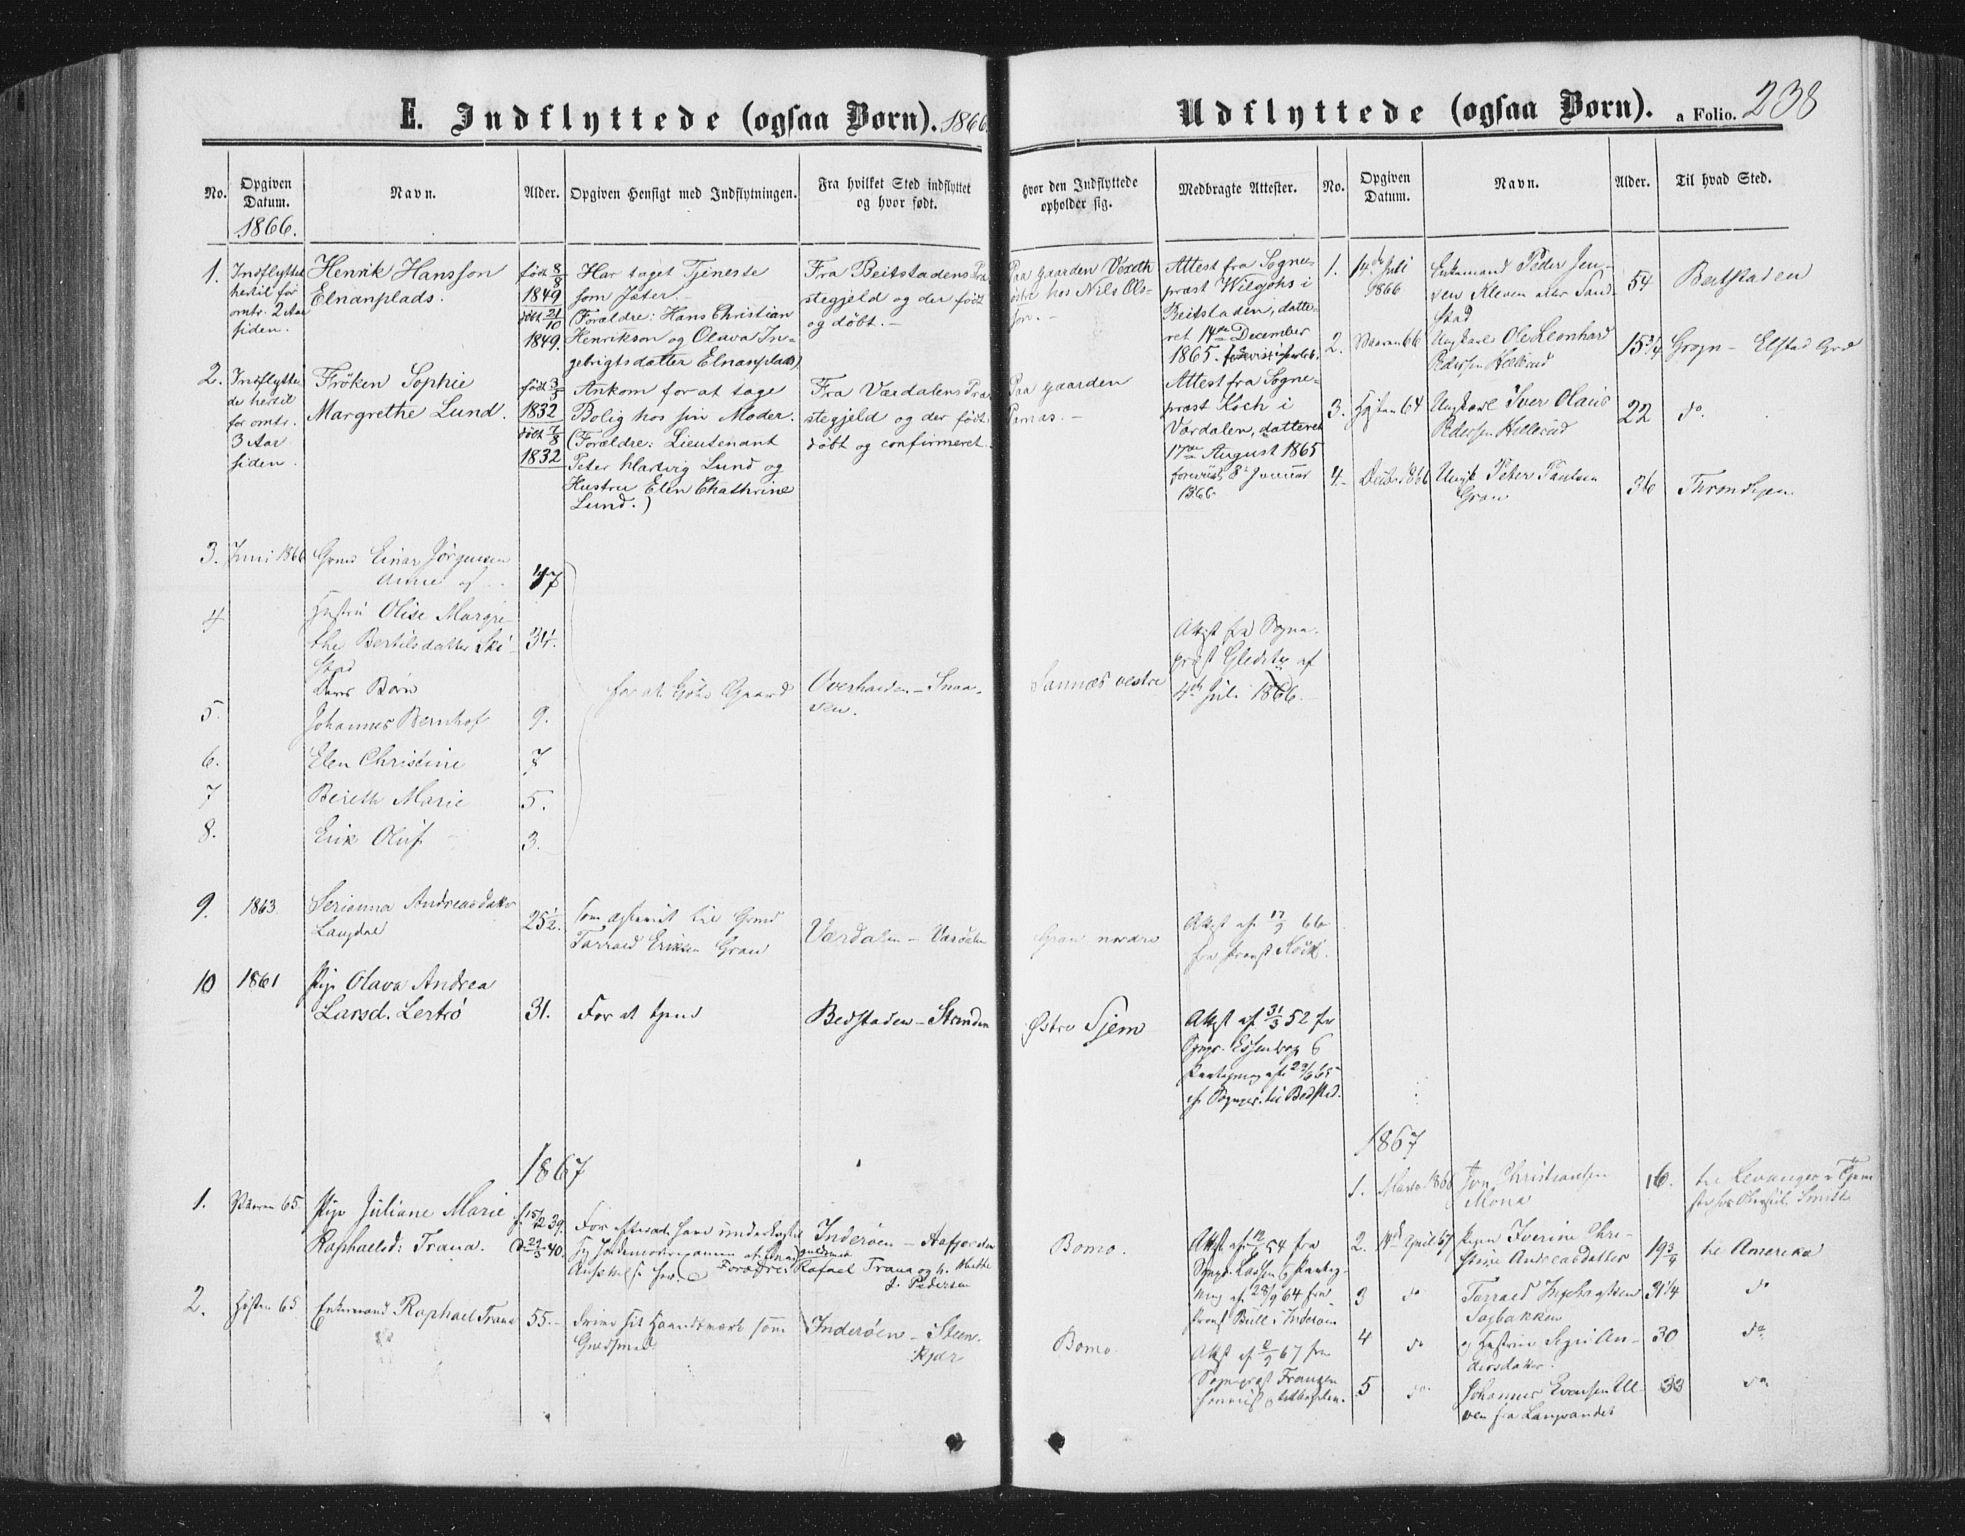 SAT, Ministerialprotokoller, klokkerbøker og fødselsregistre - Nord-Trøndelag, 749/L0472: Ministerialbok nr. 749A06, 1857-1873, s. 238